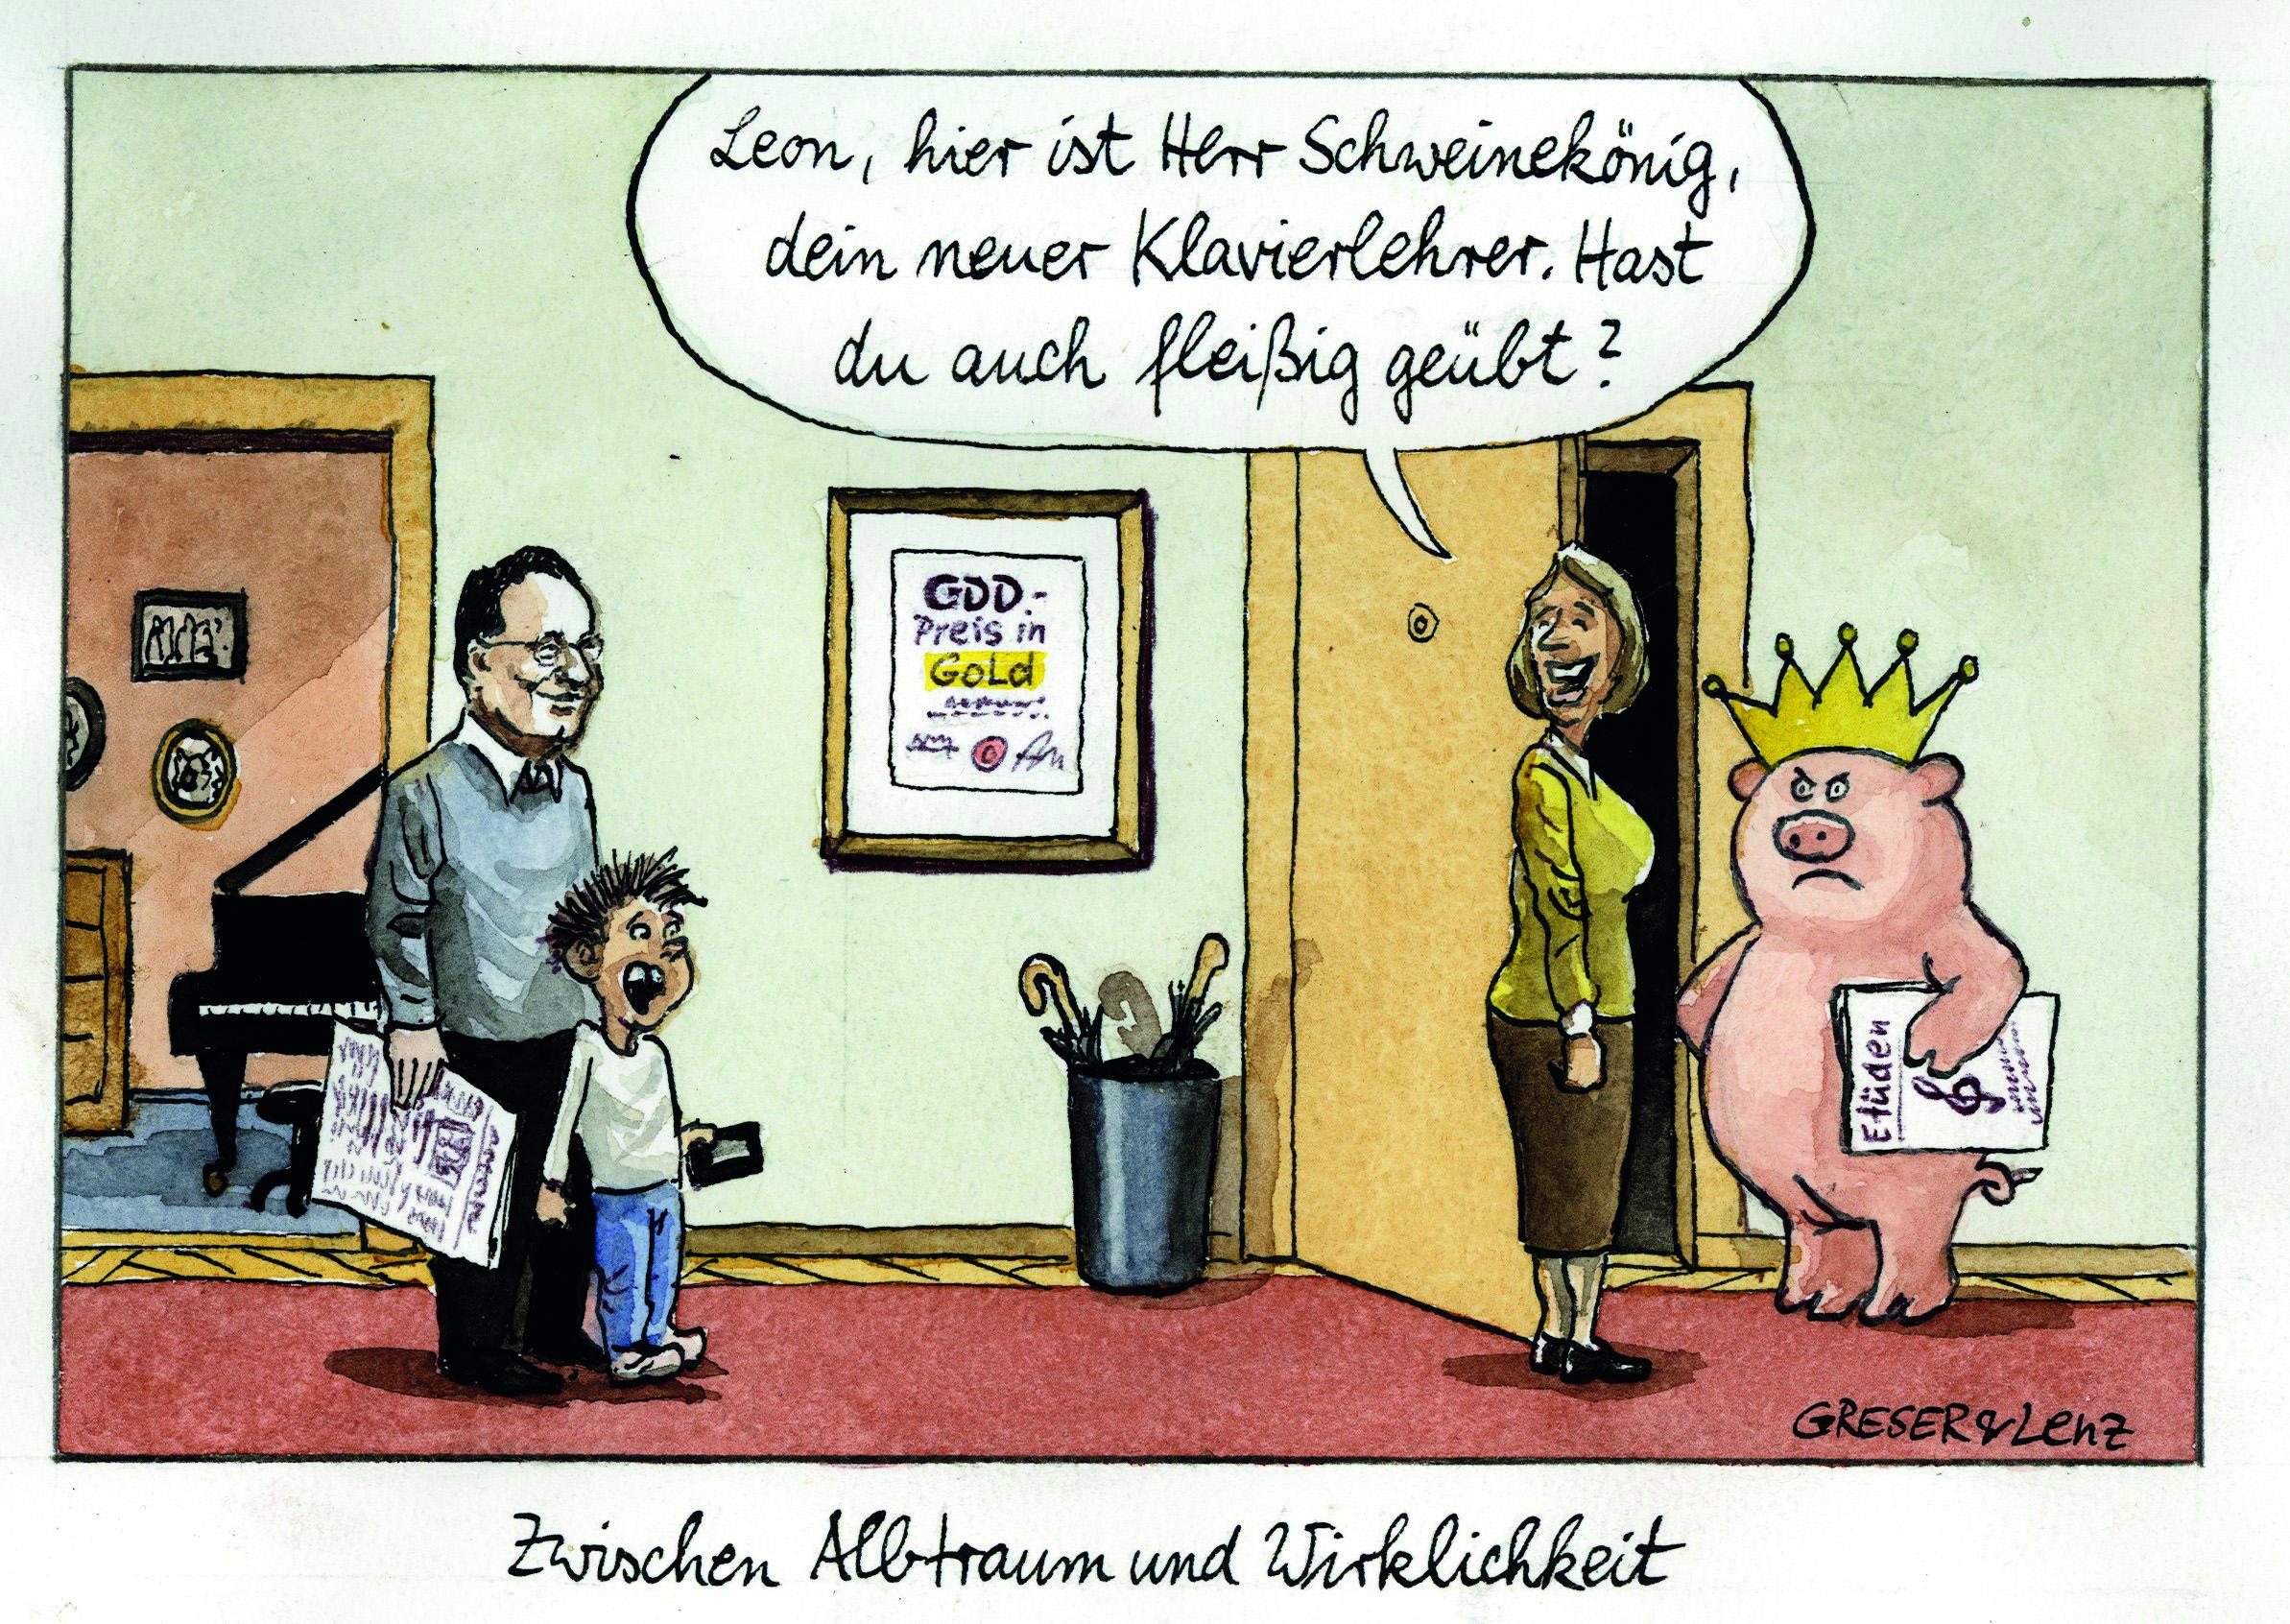 20140226-Schweinekoenig.jpg